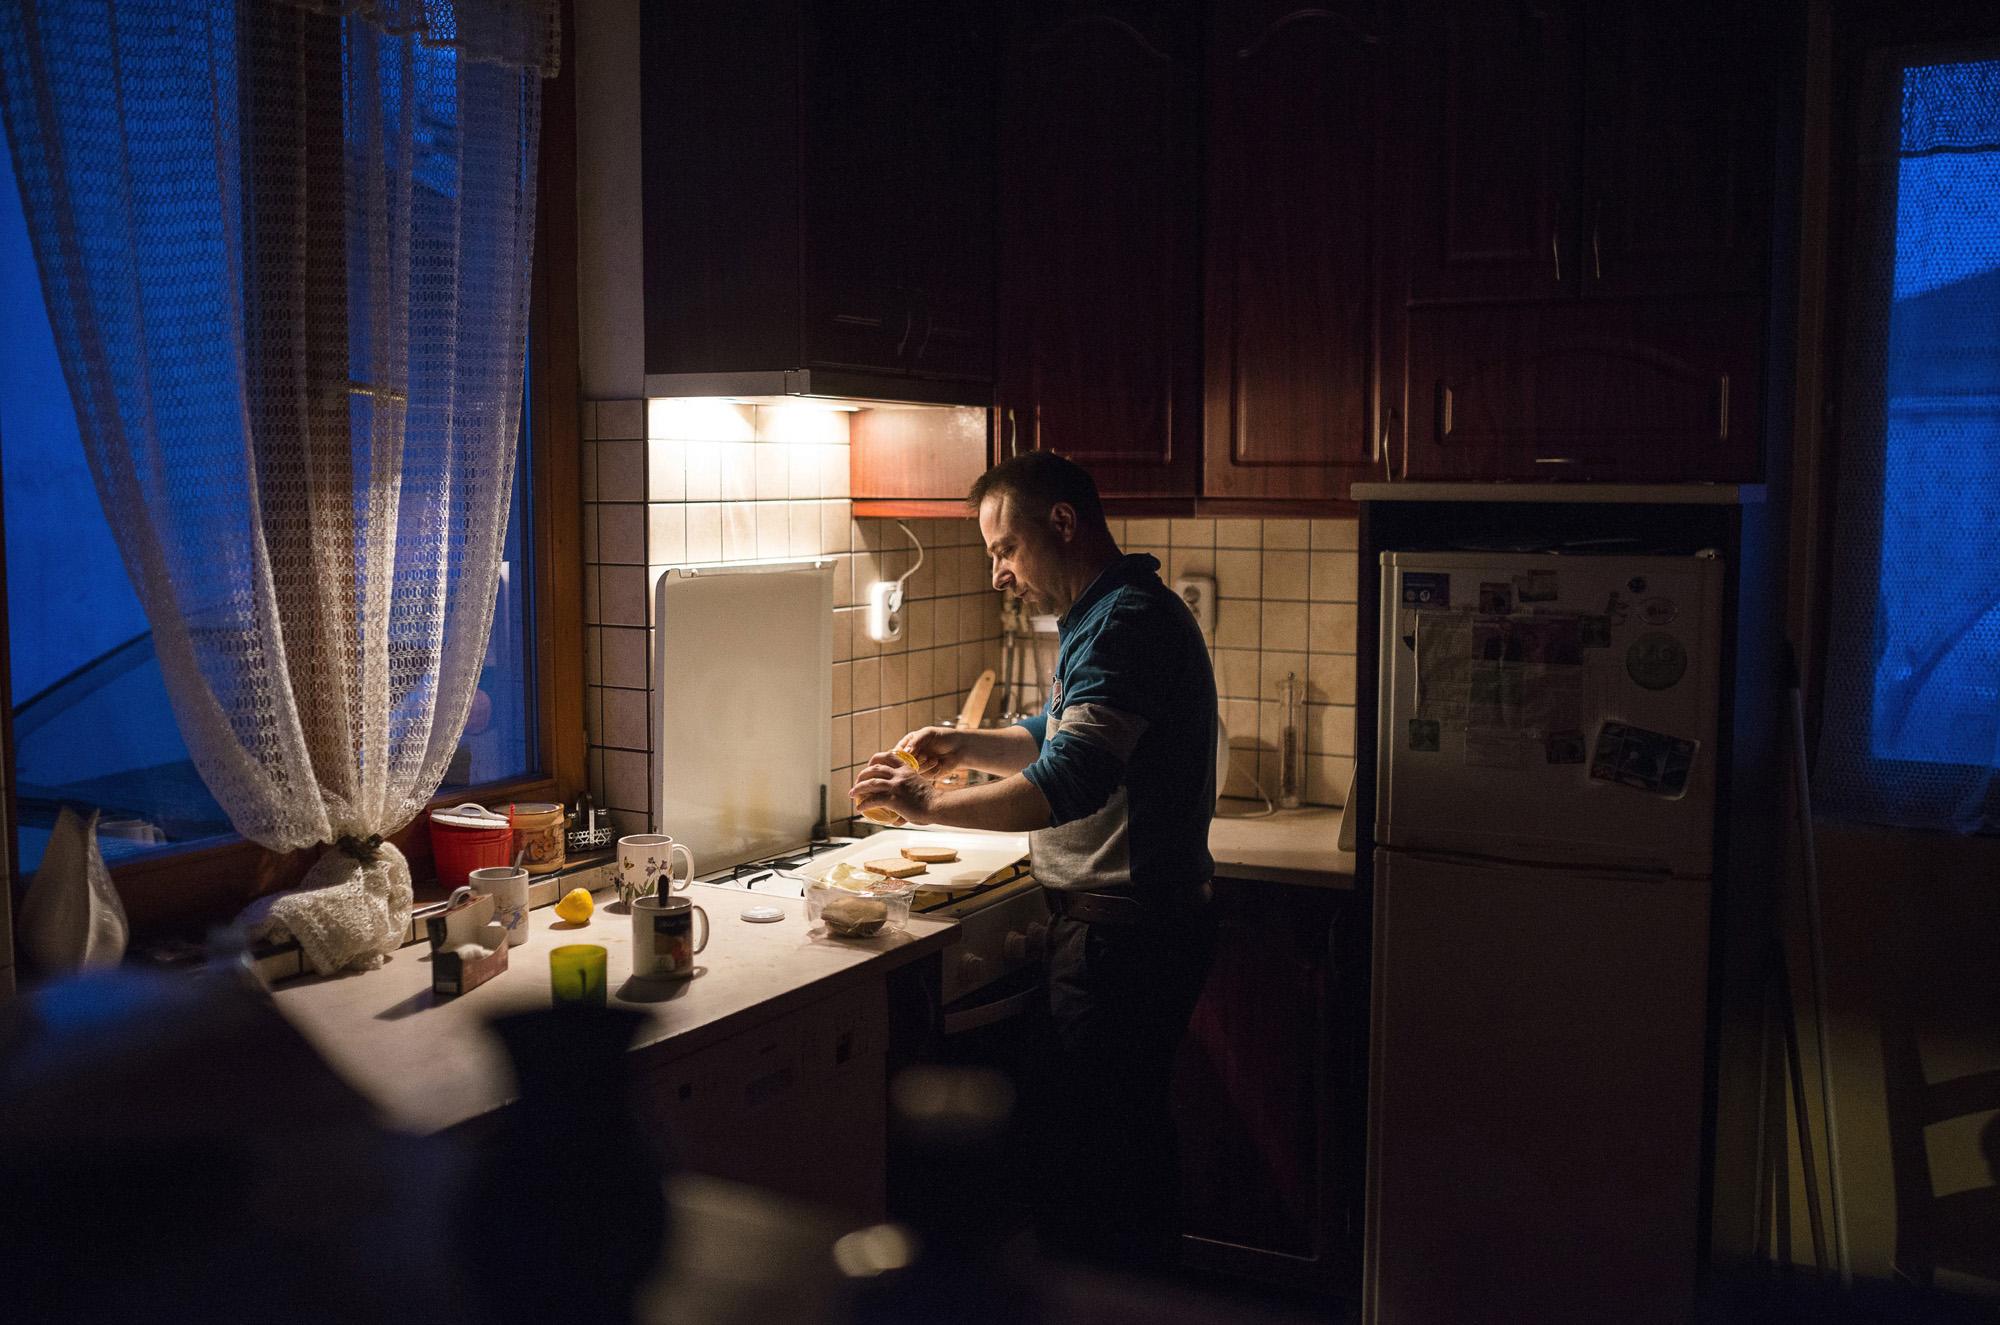 Nyíregyháza, 2017. március 30.Farkas Árpád gluténmentes kenyérből reggelit készíti autizmus spektrumzavarral élő lányának, Farkas Laurának nyíregyházi otthonukban 2017. március 8-án. Az állandó felügyeletet igénylő gyermek nevelésének nehézségei miatt a család felbomlott, a szülők elváltak. A két gyermekét egyedül nevelő Farkas Árpád korábban jól működő vállalkozásaira nem tudott elég időt fordítani, így az egykor jó körülmények között élő család anyagi helyzete megváltozott. A férfi alapító elnöke az autista gyerekek szülői szervezetének, a 2014 tavaszán bejegyzett Most Élsz Egyesületnek, amely folyamatosan keresi a gyógyítás újabb és újabb lehetőségeit.MTI Fotó: Balázs Attila